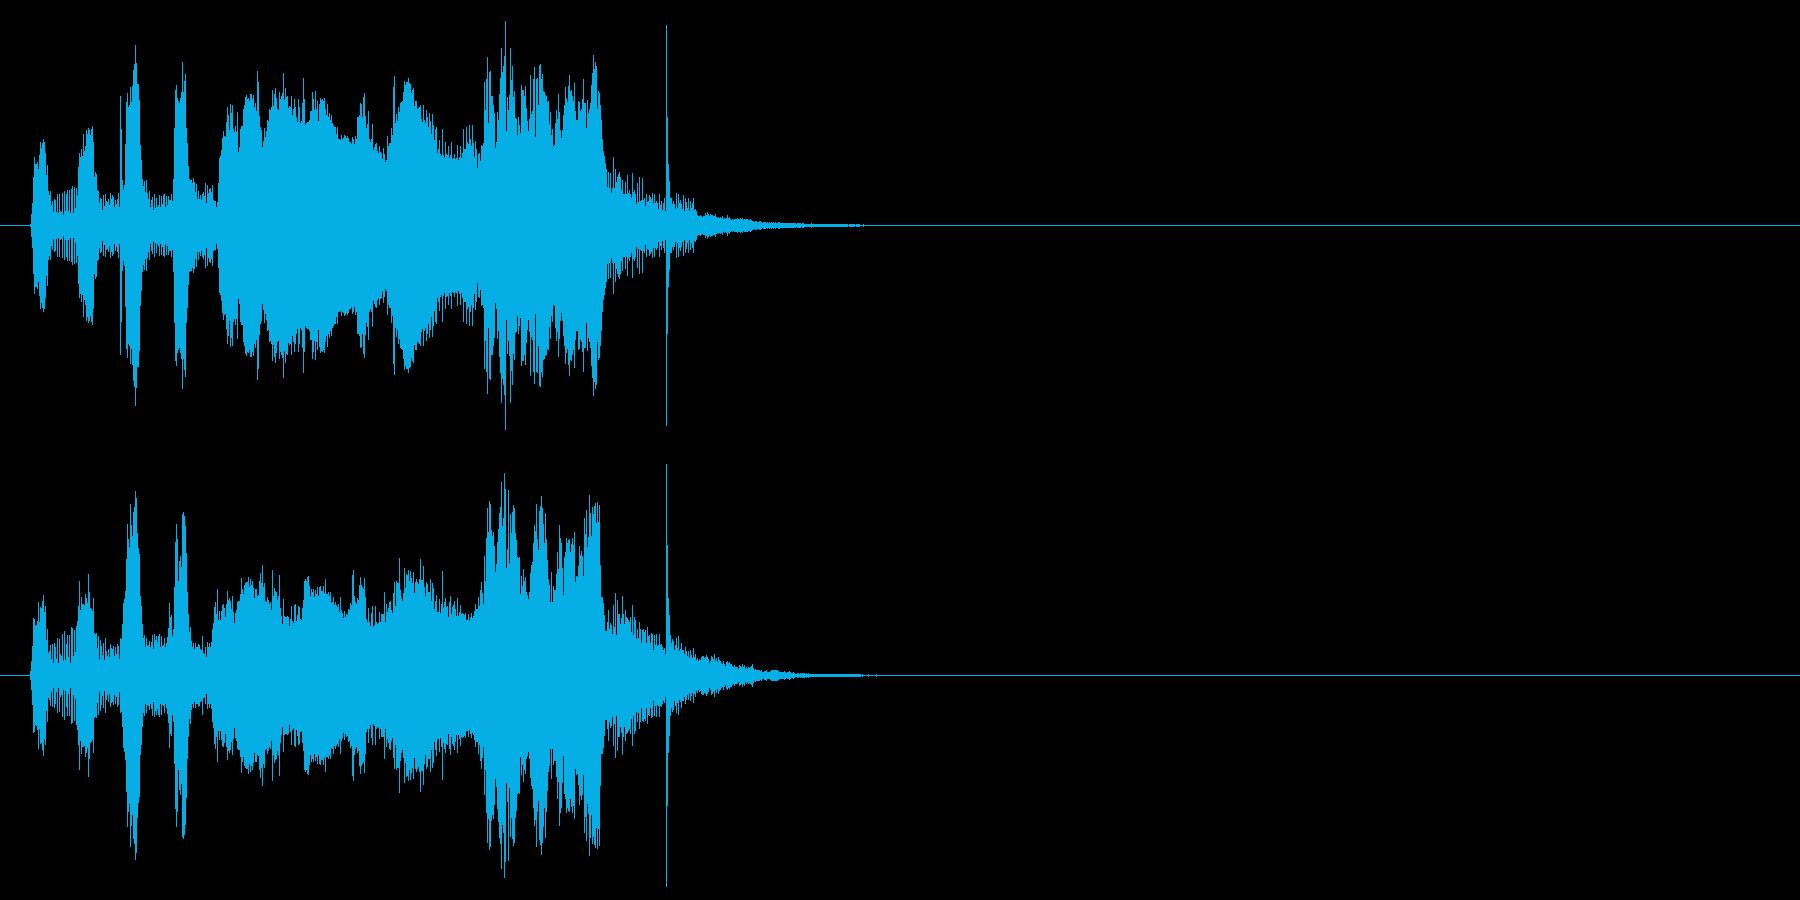 コミカル・タッチジングルの再生済みの波形